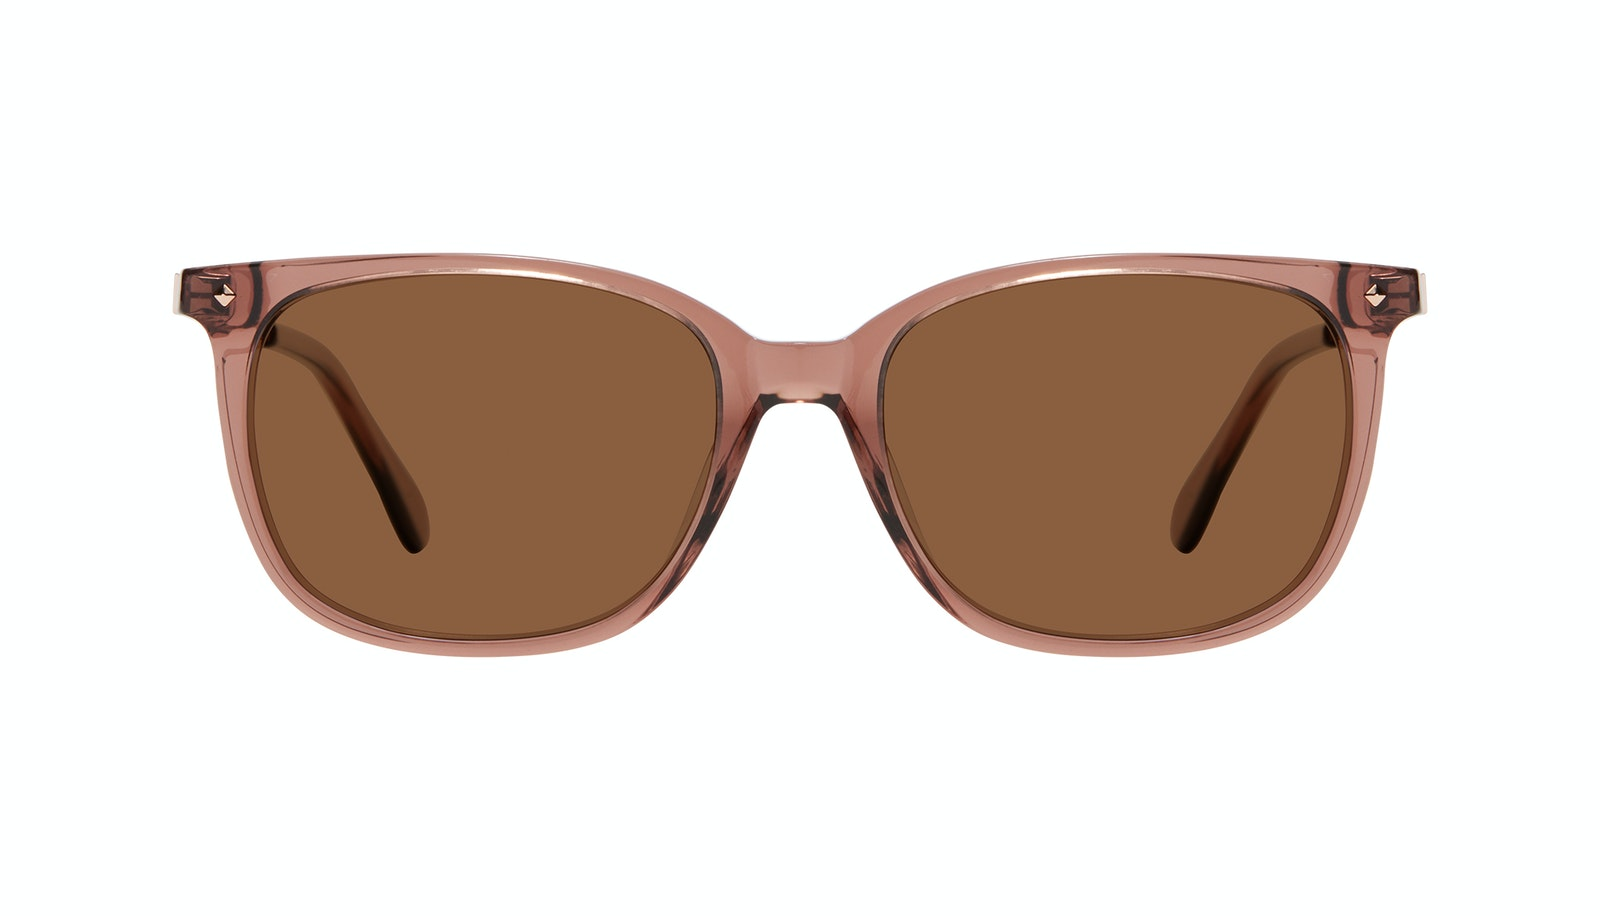 Affordable Fashion Glasses Rectangle Square Sunglasses Women Refine Dark Terra